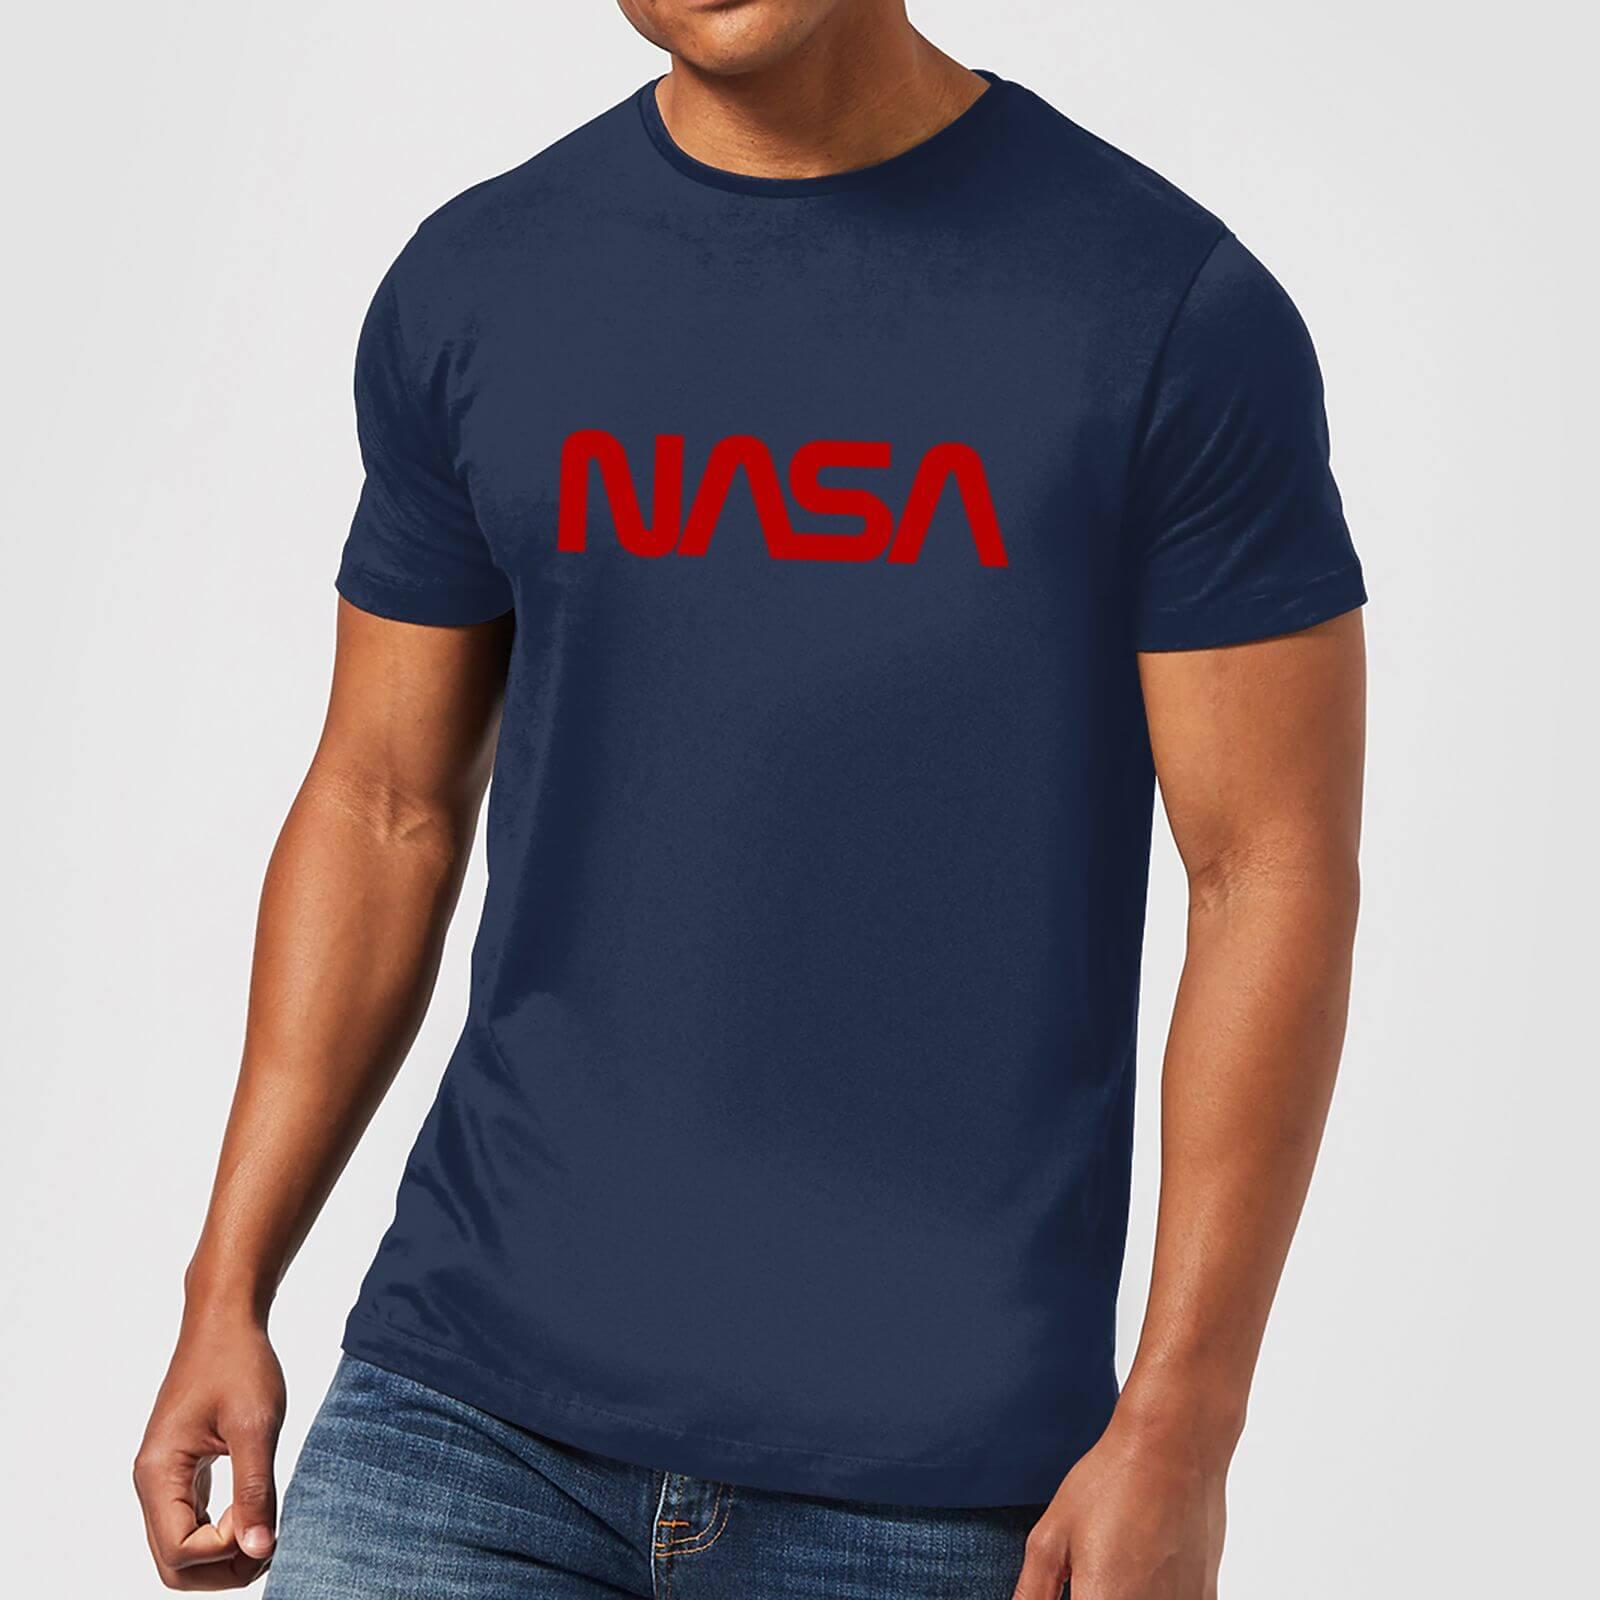 NASA T-Shirt für Herren und Damen S - 5XL für 6,90€ *versandkostenfrei* [SOWIA]